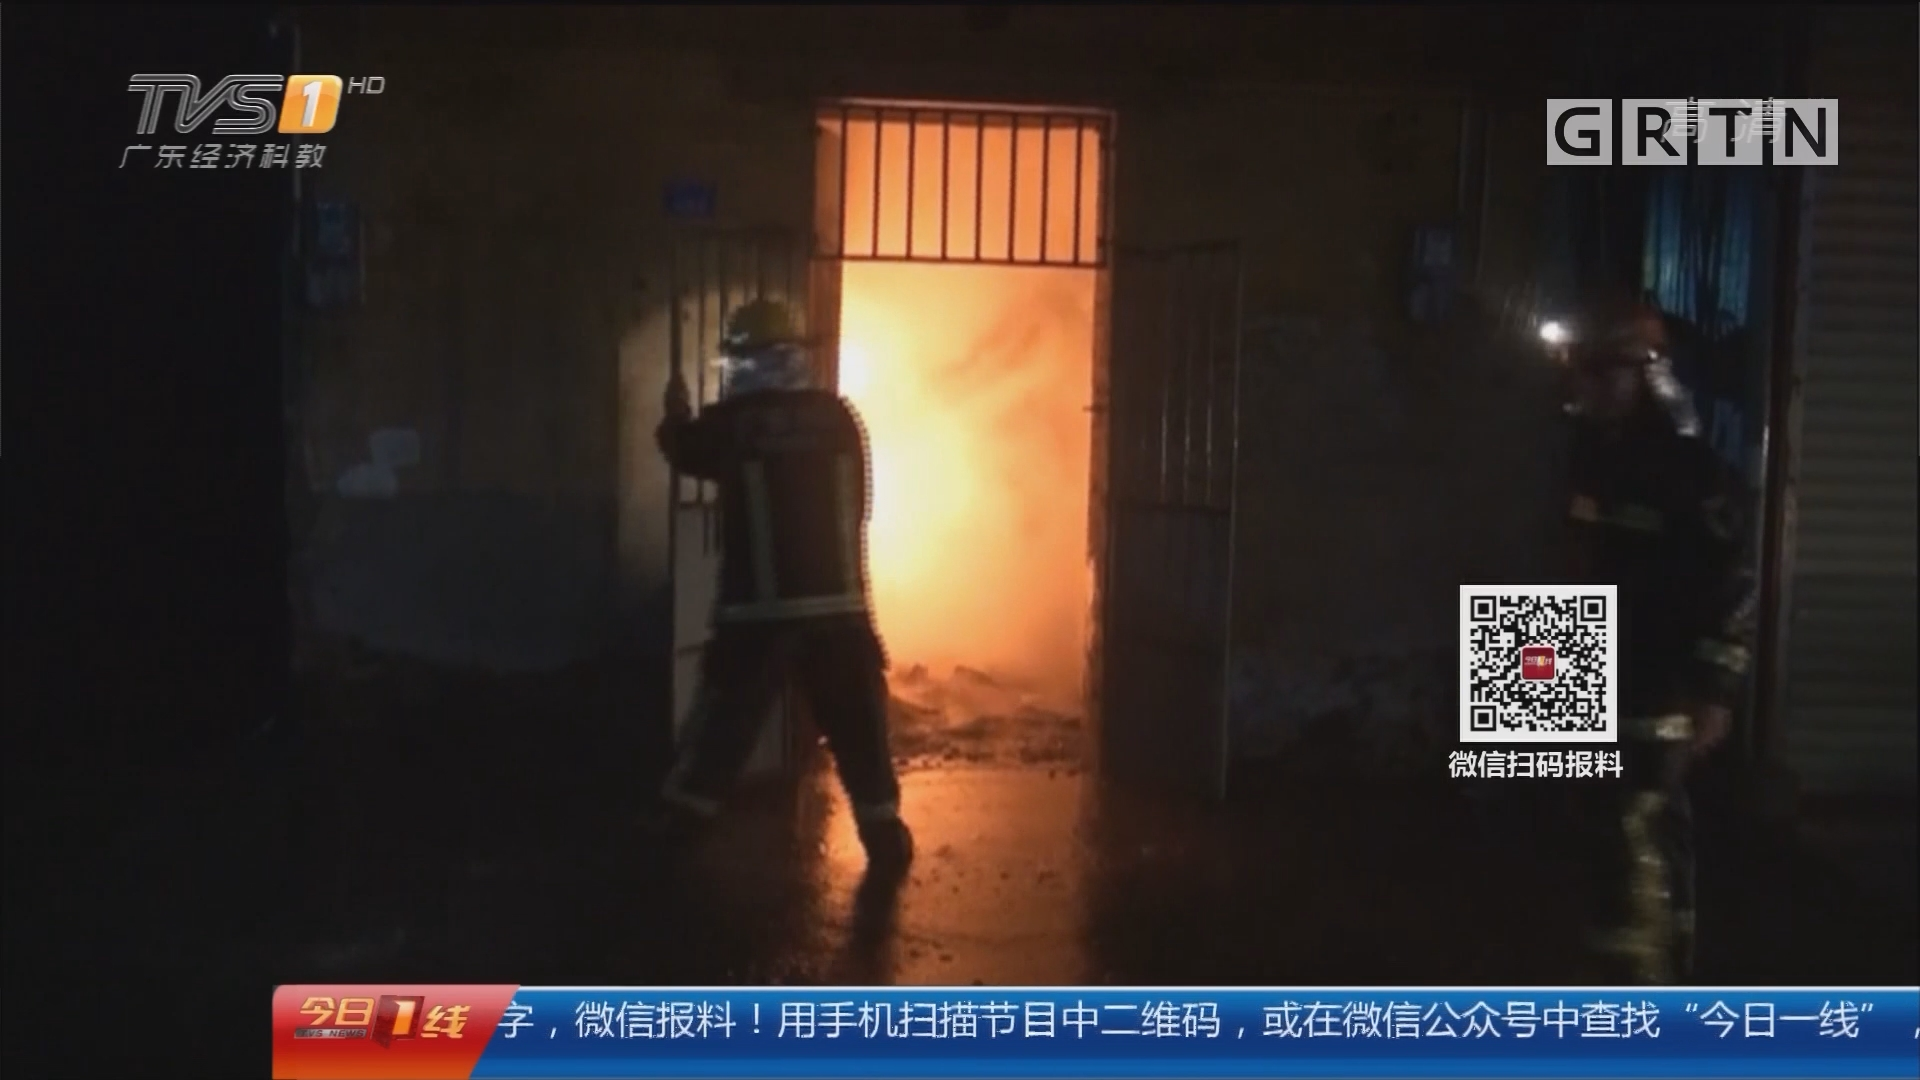 中山:凌晨民房突发大火 邻居帮忙报警